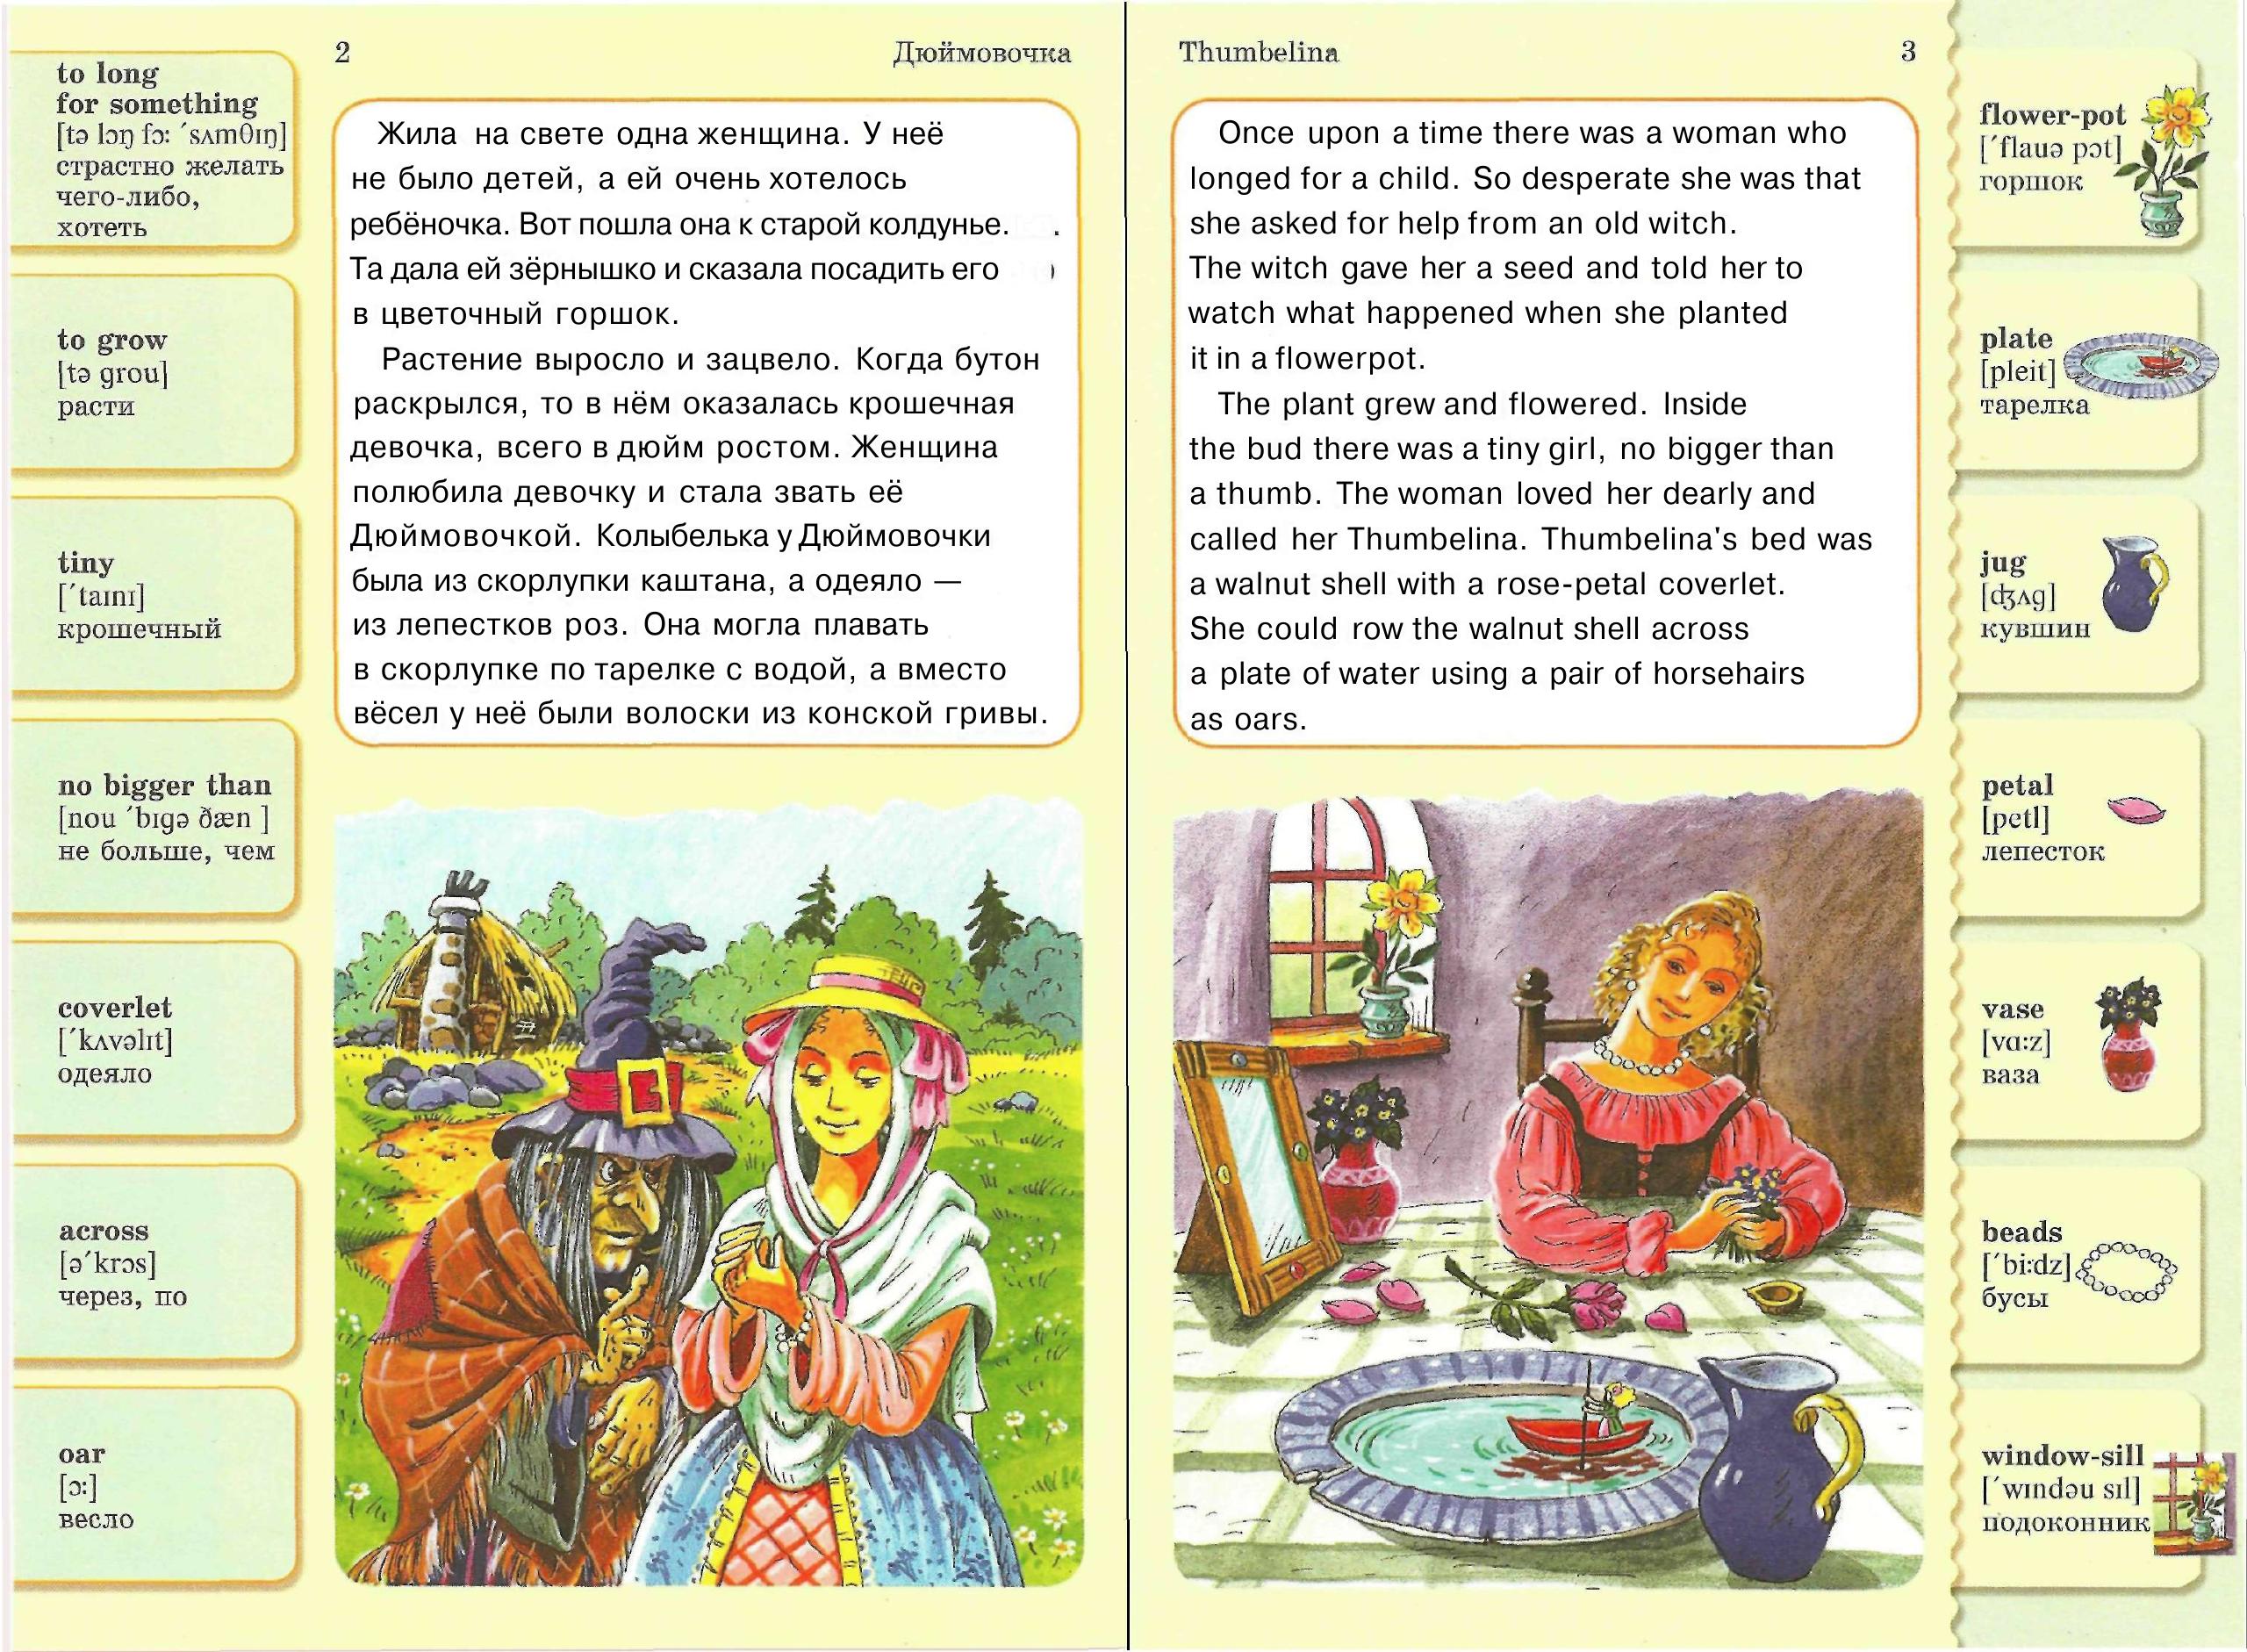 Dyuymovochka